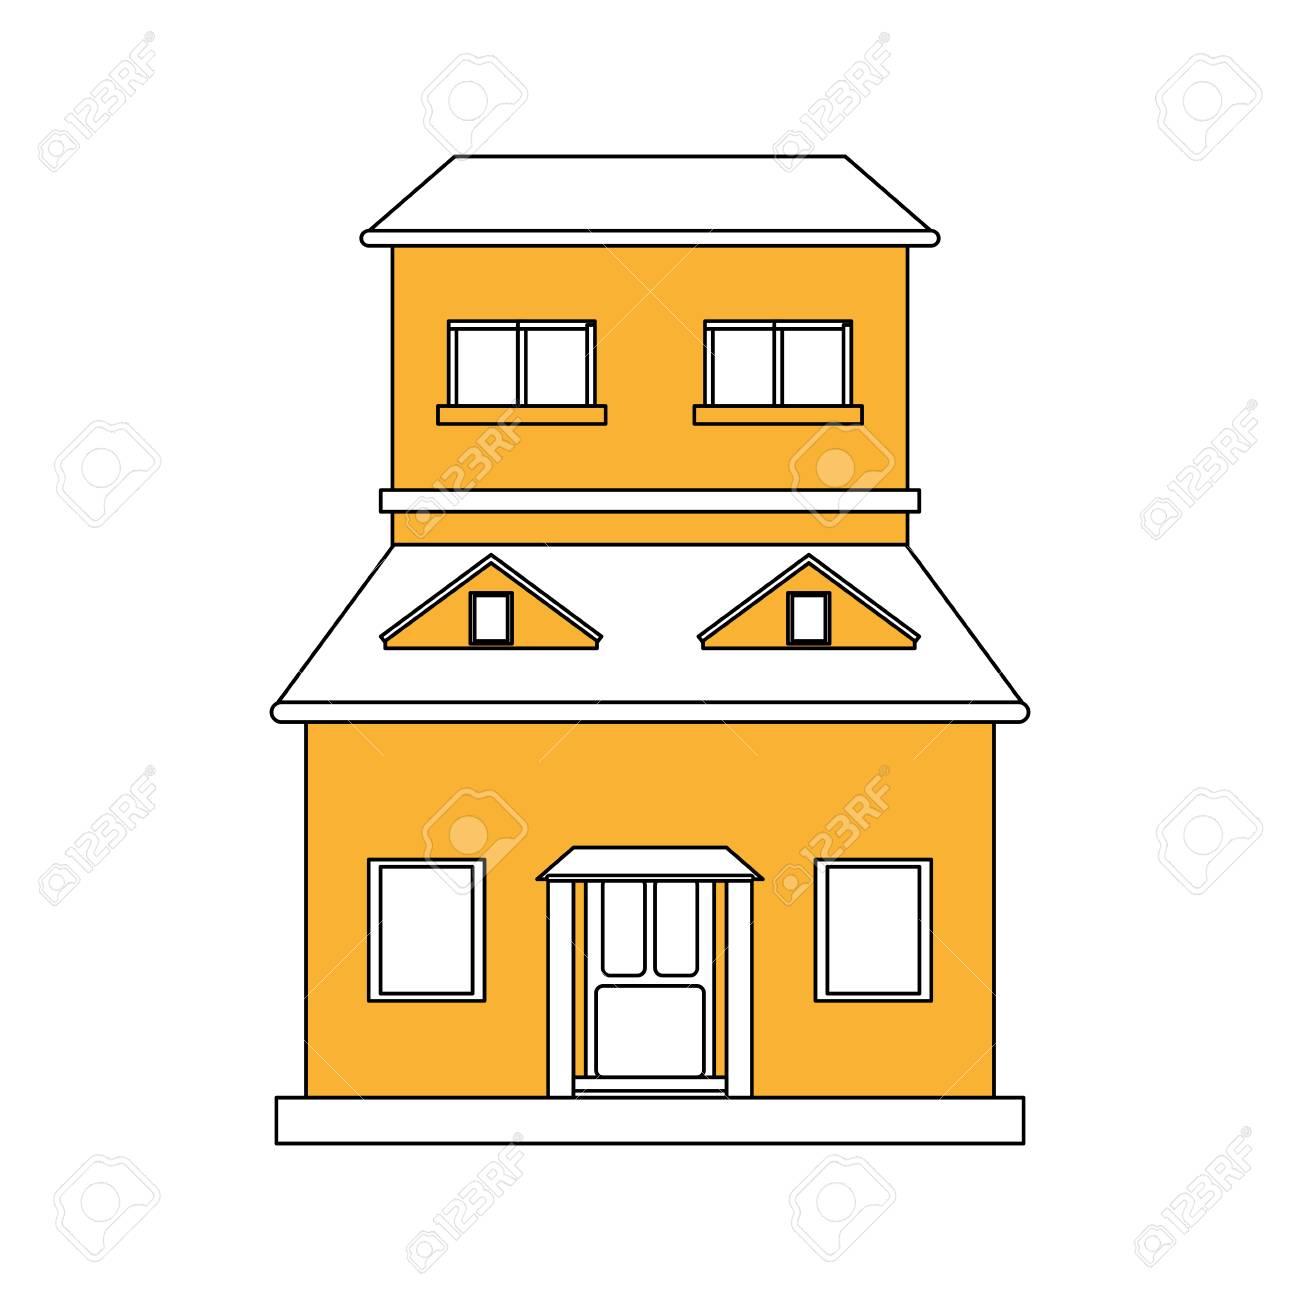 Banque dimages couleur silhouette dessin animé jaune façade structure maison avec deux étages et illustration vectorielle grenier